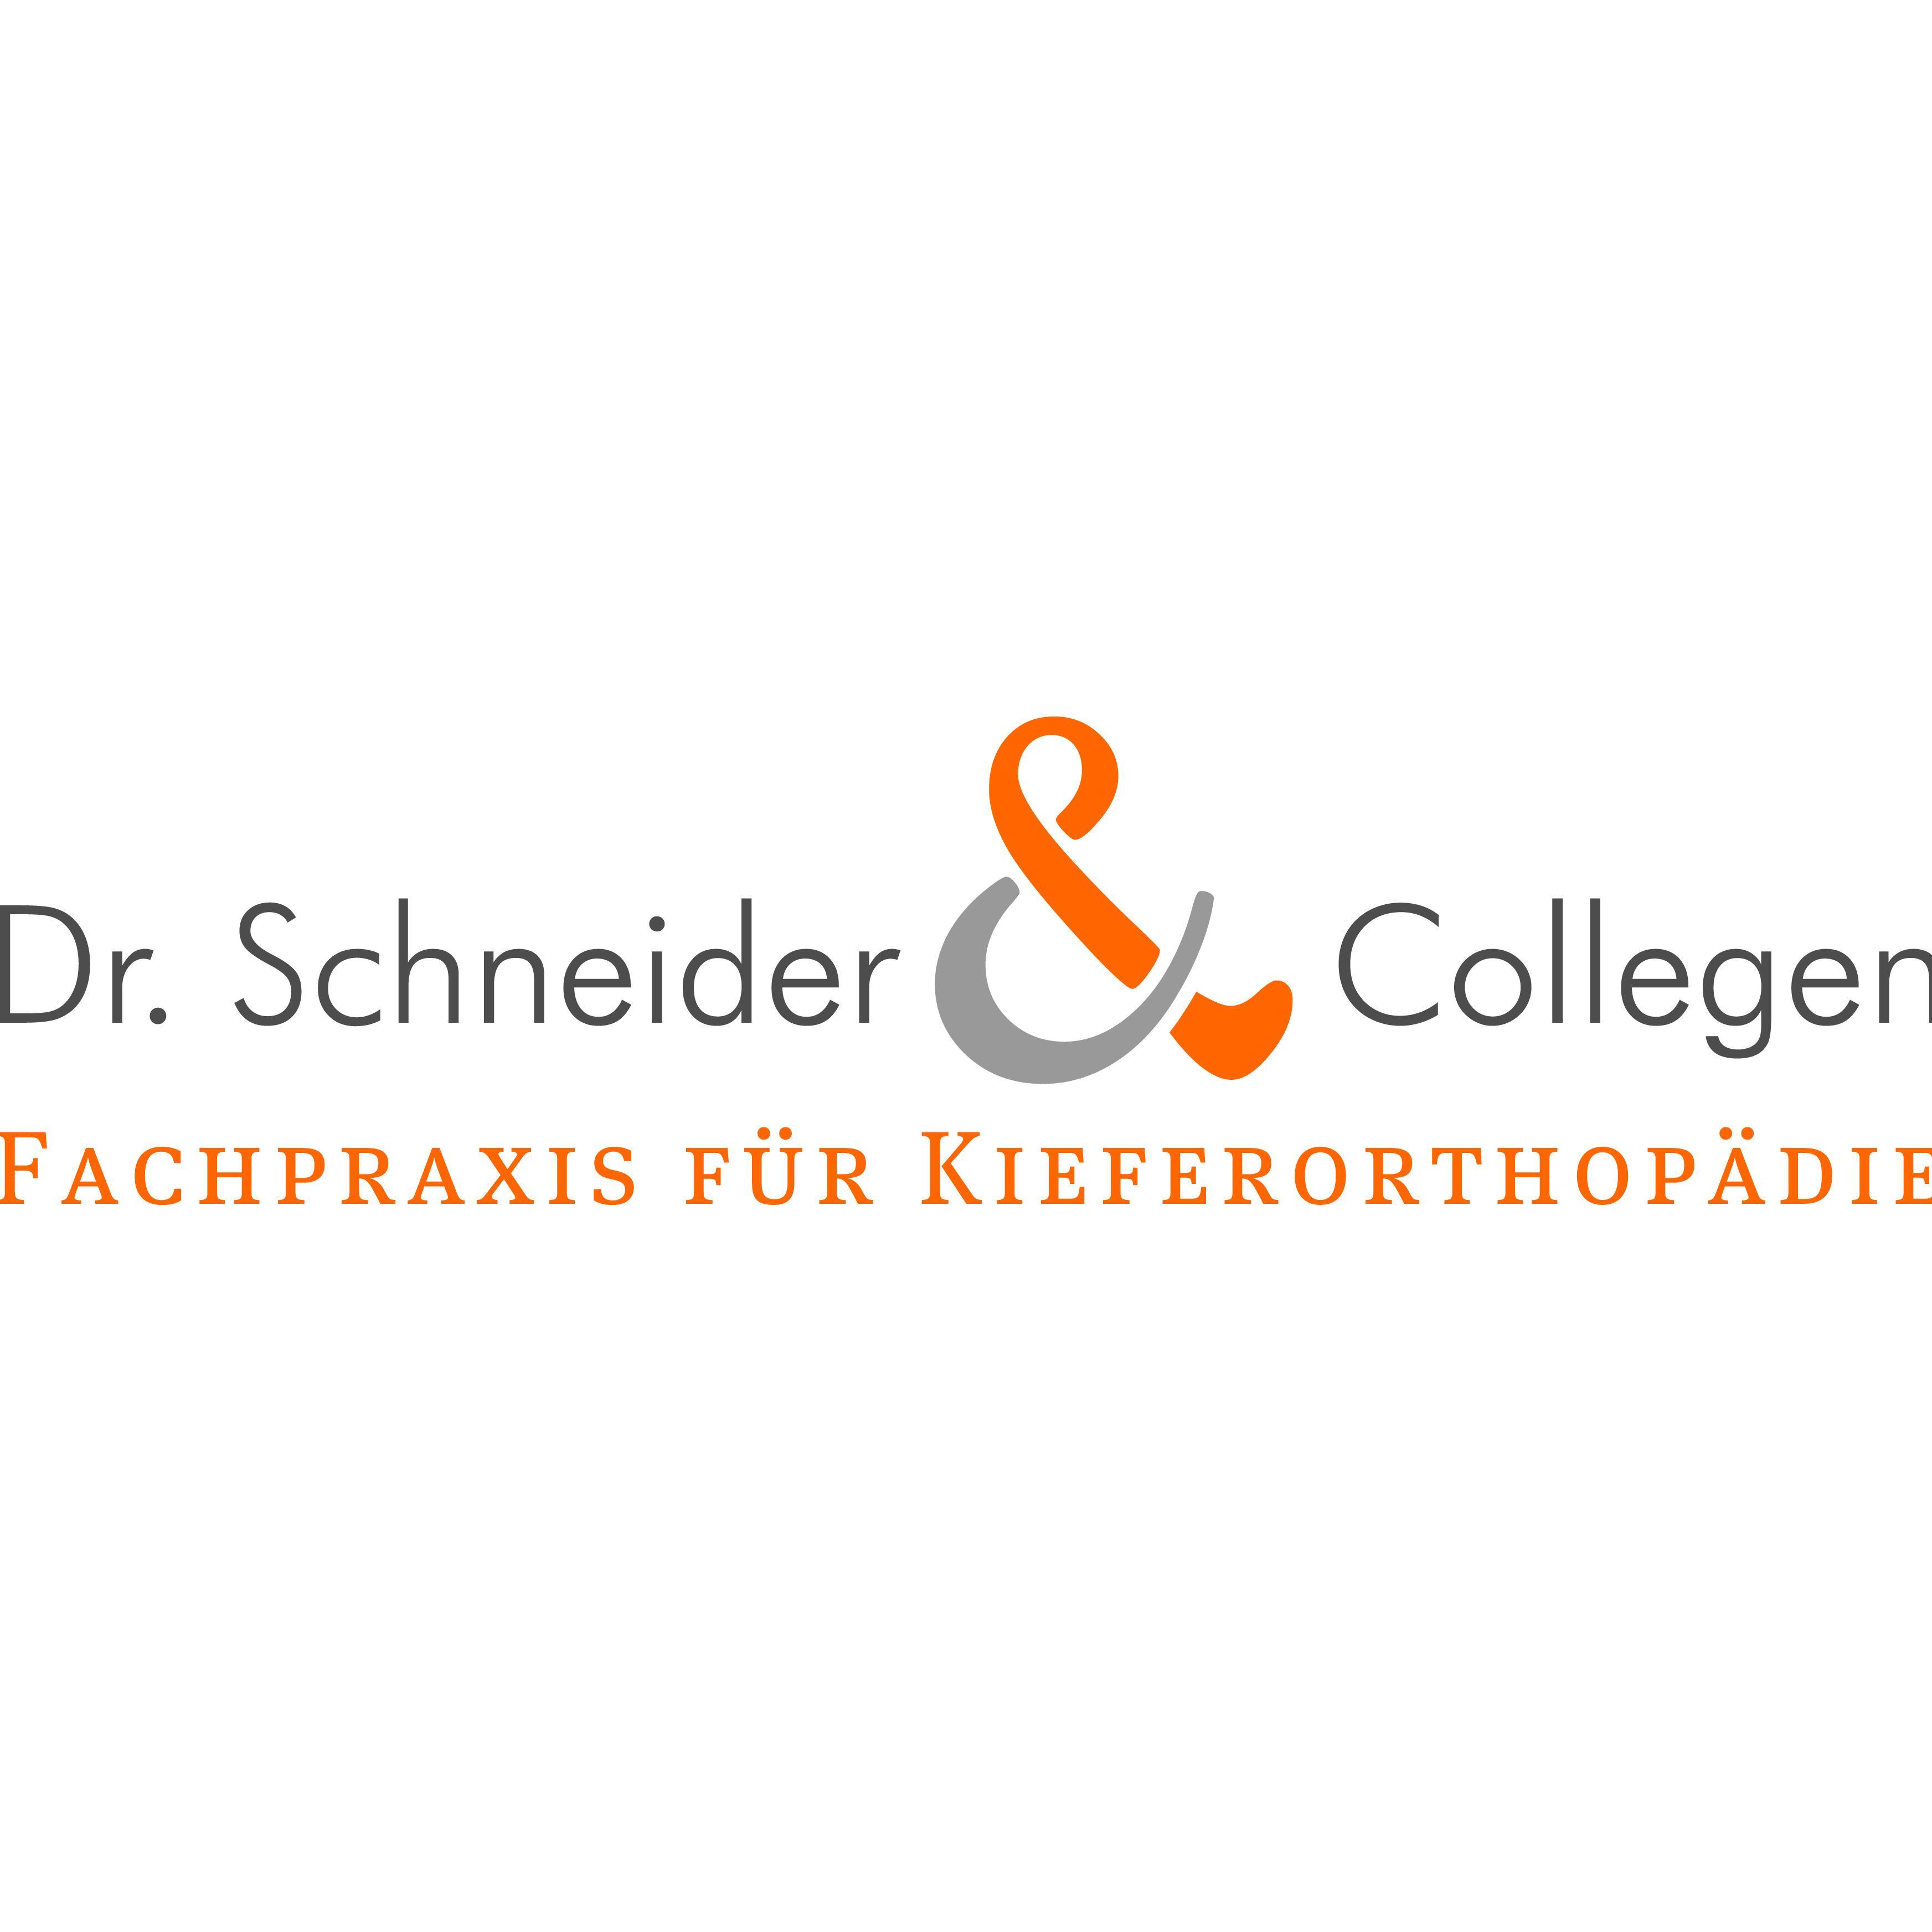 Bild zu Dr. Schneider & Collegen - Dr. Bernd Schneider - Fachzahnarzt für Kieferorthopädie in Mannheim